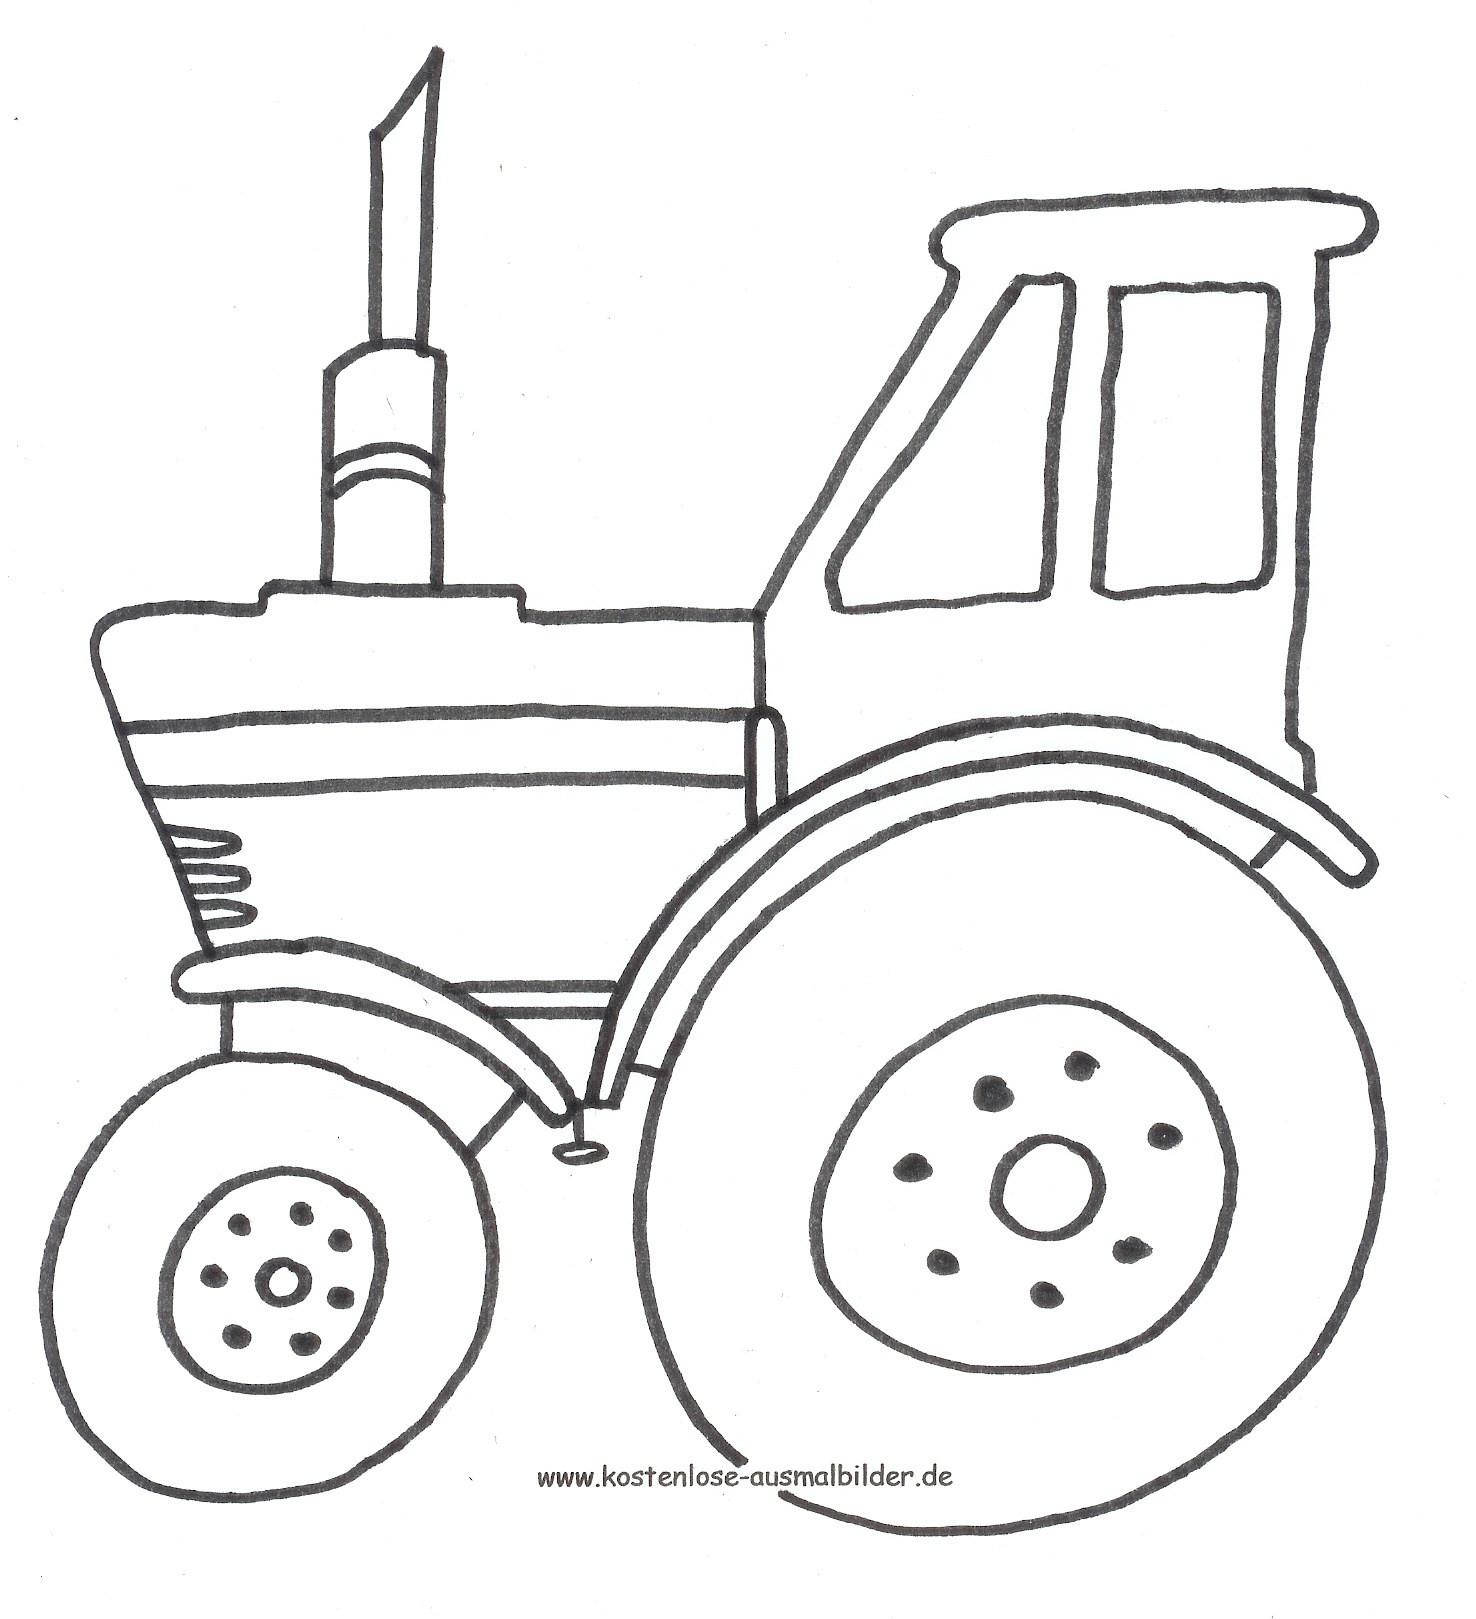 Traktor Ausmalbilder John Deere Einzigartig Ausmalbilder Traktor Fendt Kostenlos Malvorlagen Zum Ausdrucken Bei Sammlung